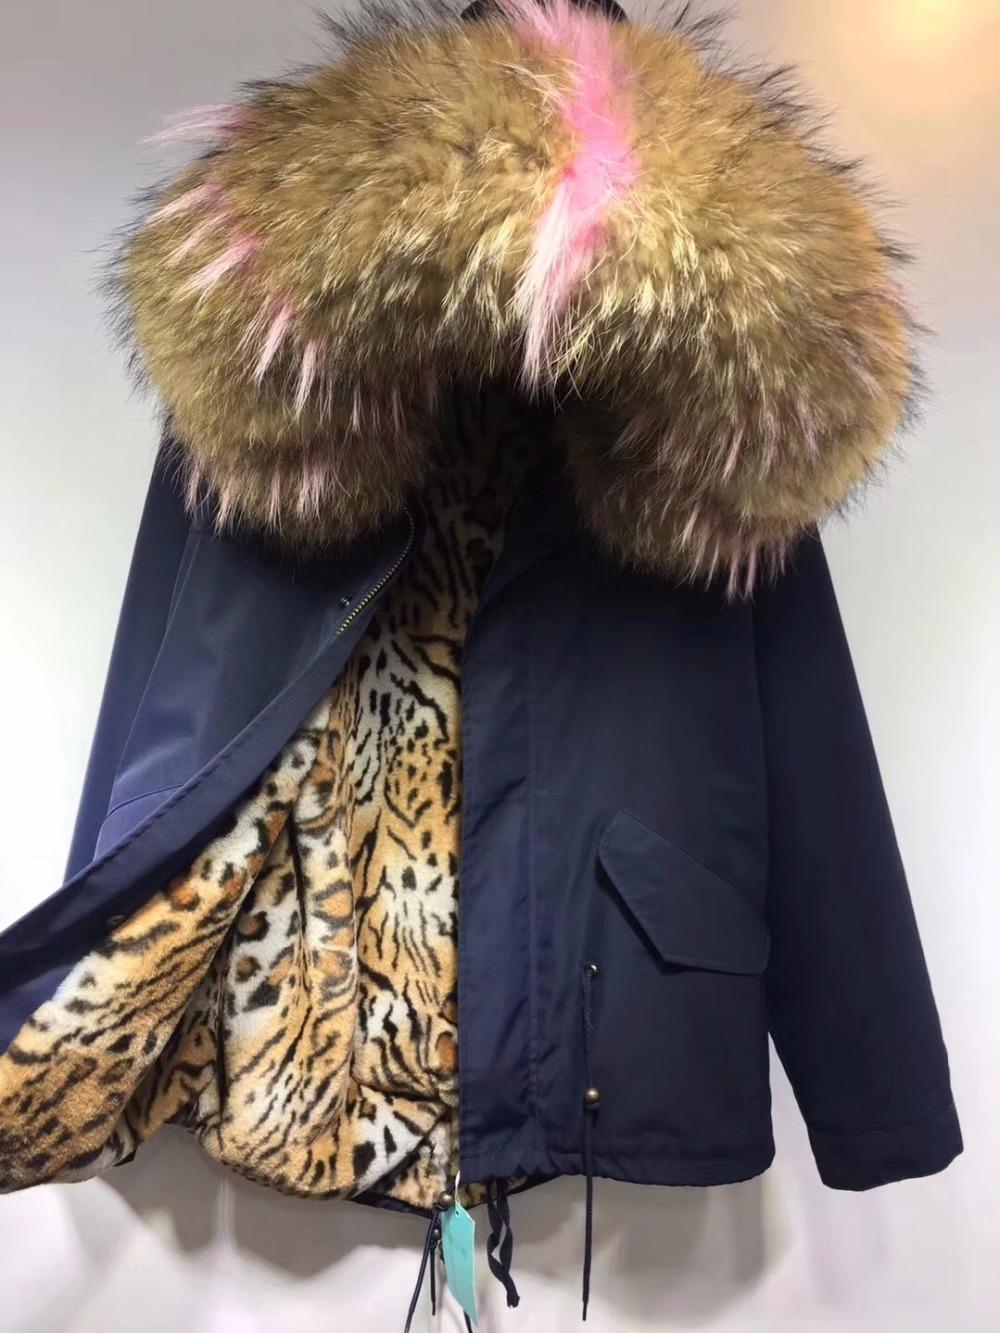 Estampado Compre Faux Leopardo Fur Lujo Leopardo 2018 De Coat b67fyg